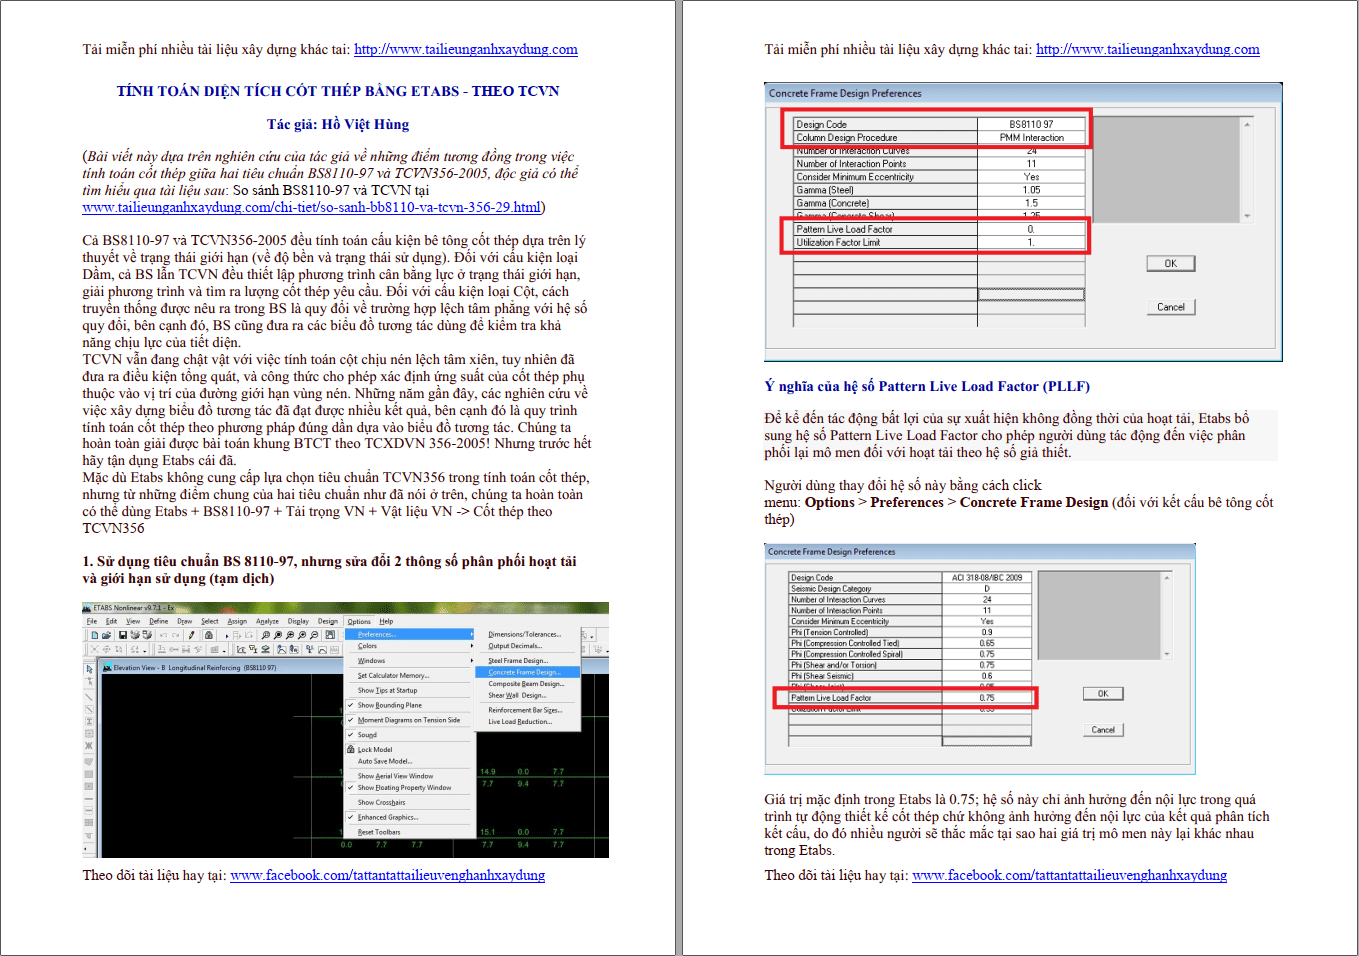 Tính toán diện tích cốt thép theo TCVN bằng Etabs